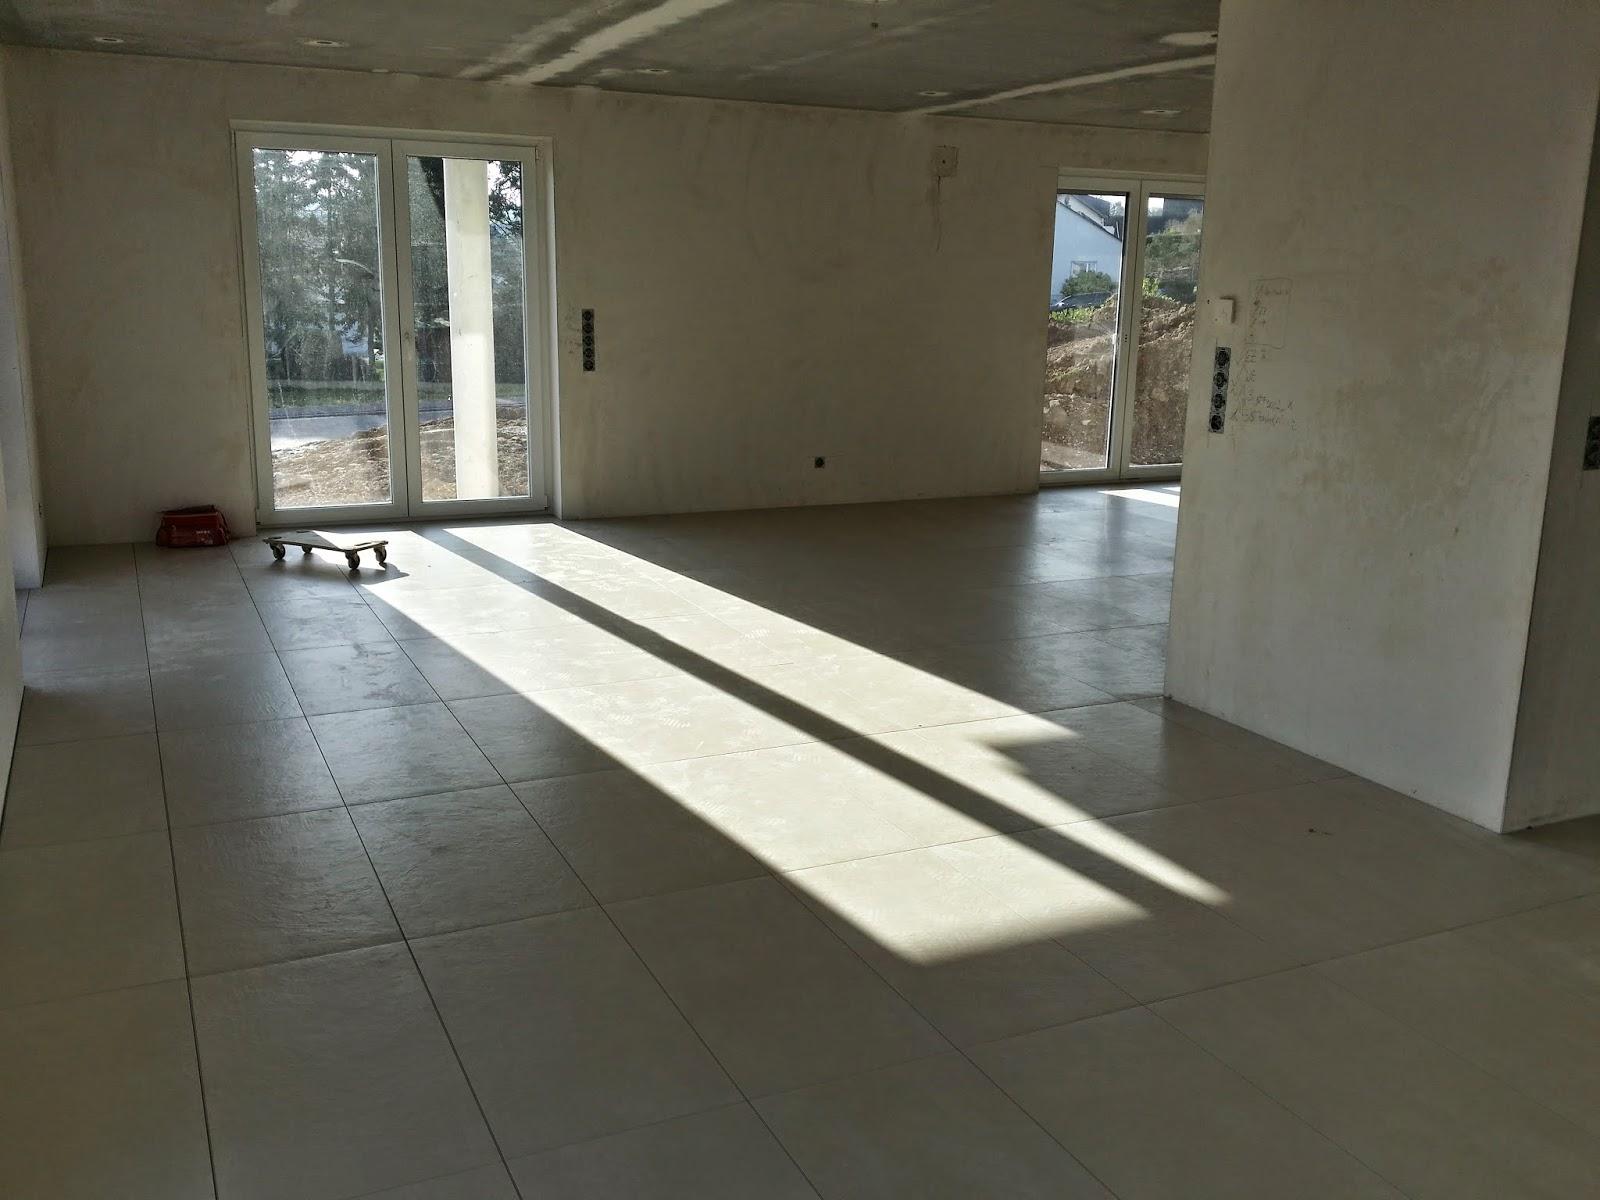 Baublog - Wir bauen in Neesbach: Fliesen Küche, Wohn- und Essbereich